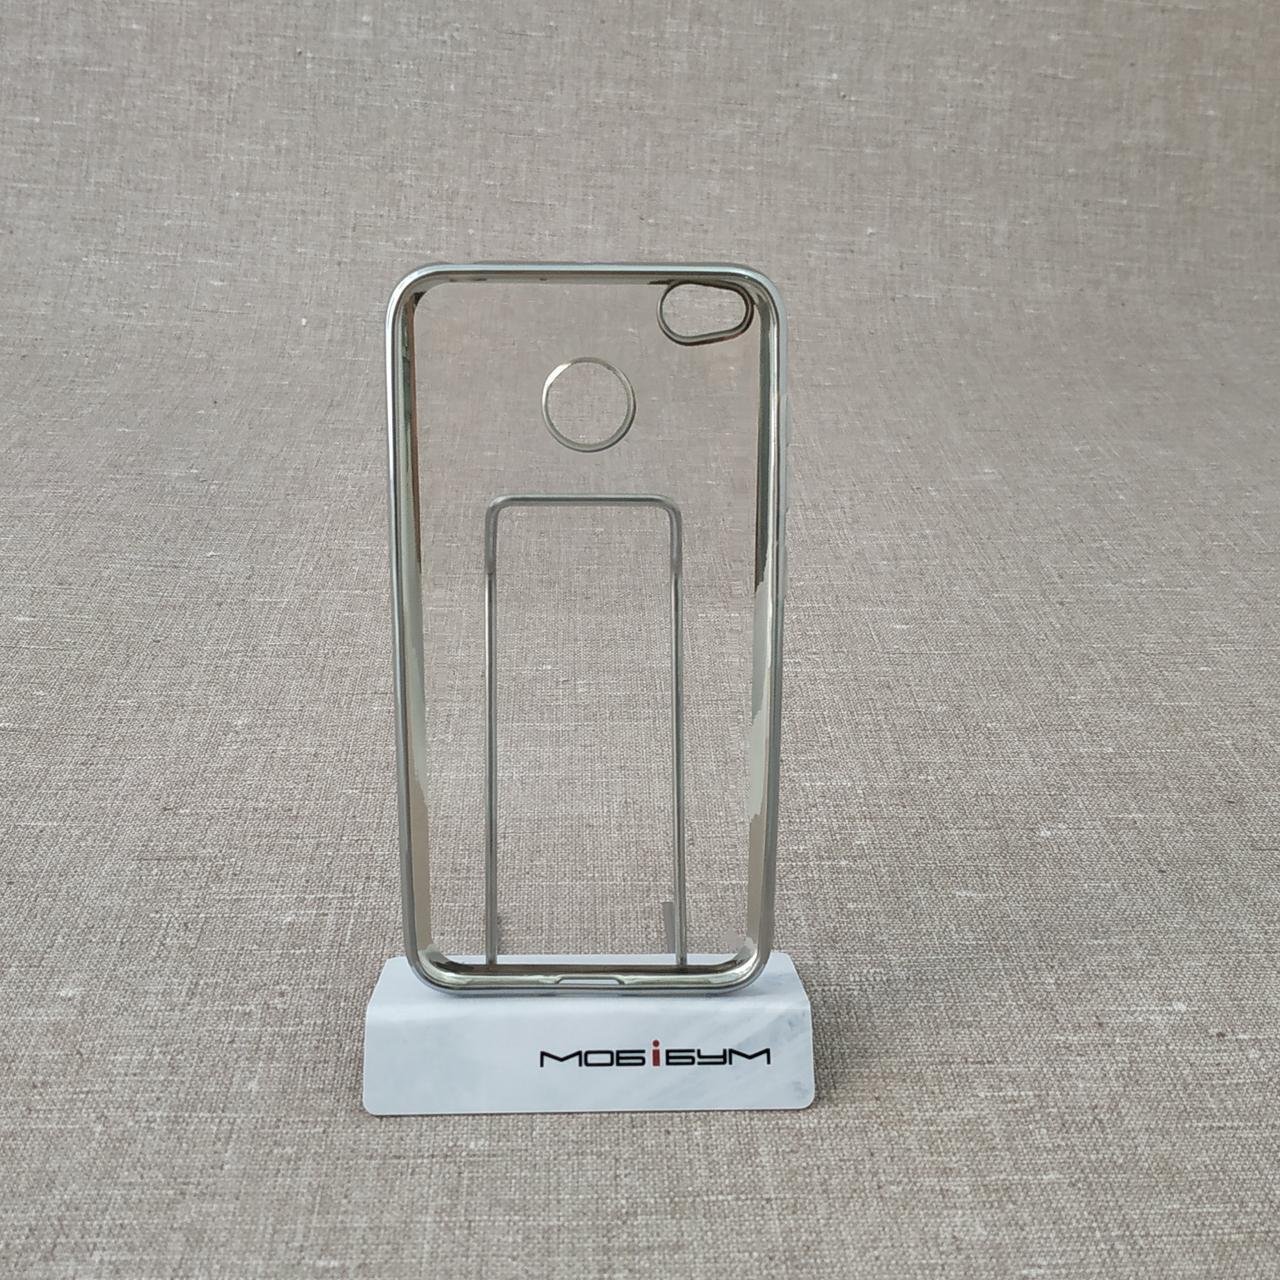 TPU bamper Xiaomi Redmi 4x silver 4X